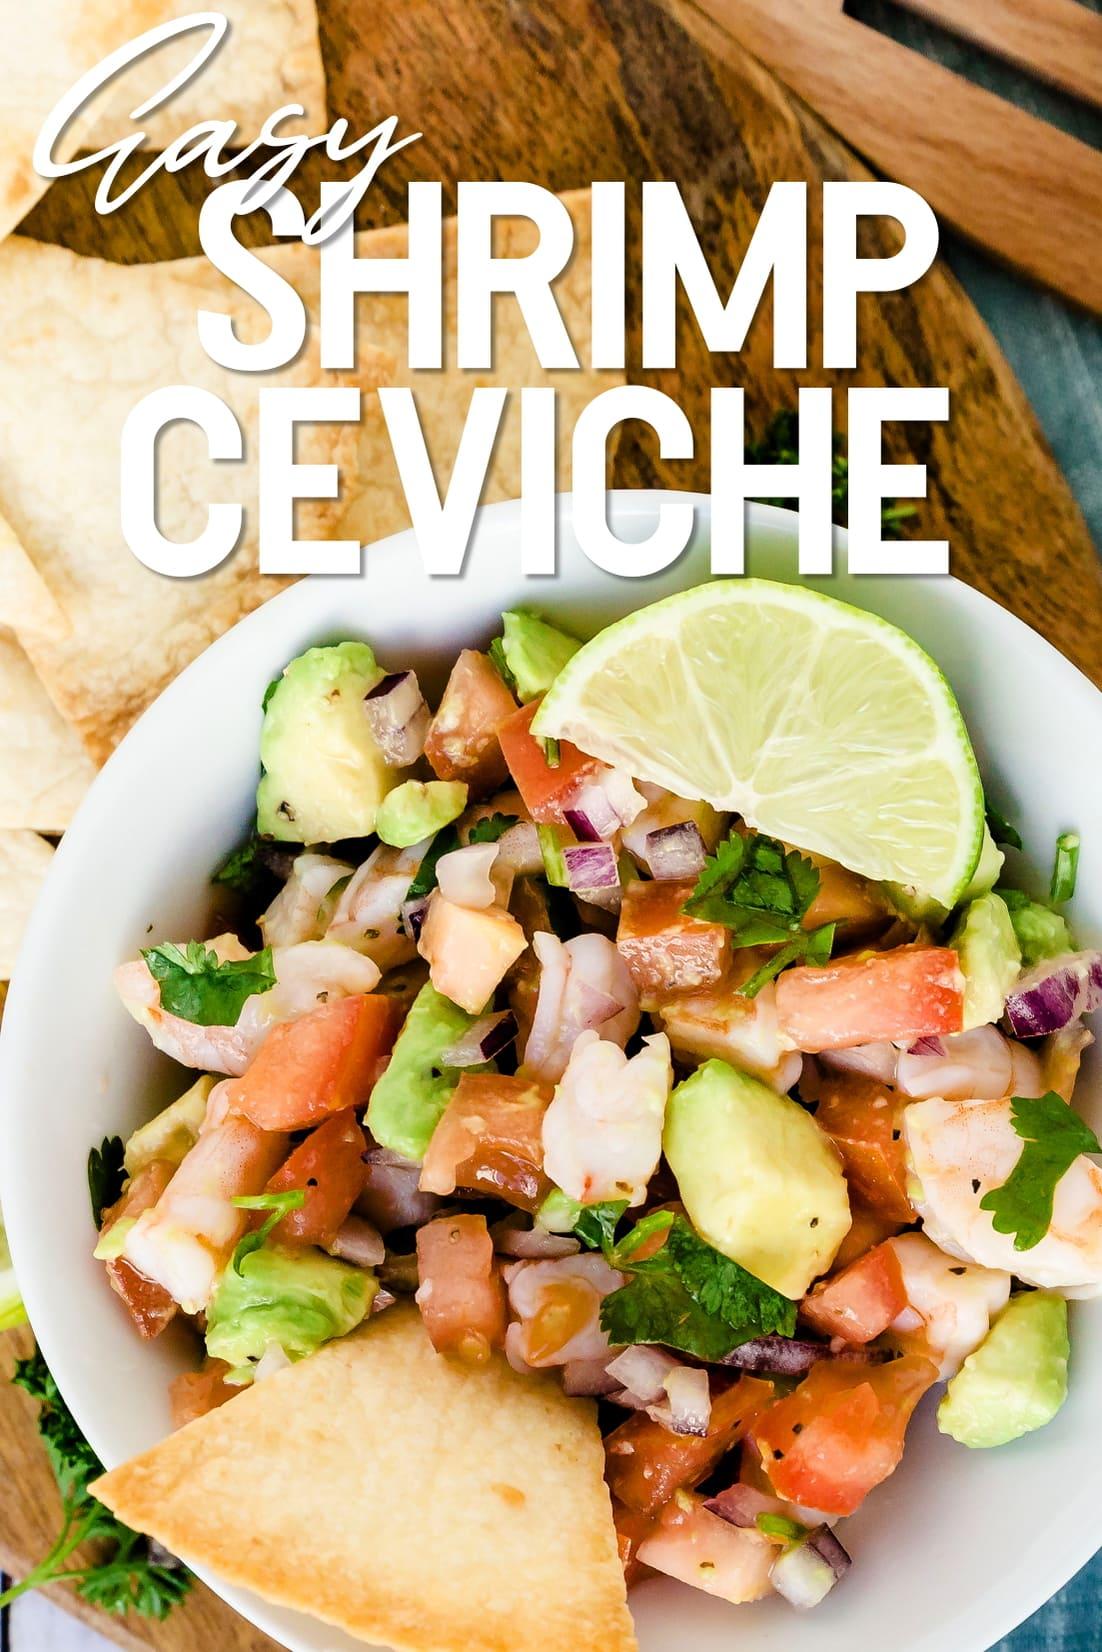 Shrimp Ceviche Top Down Shot